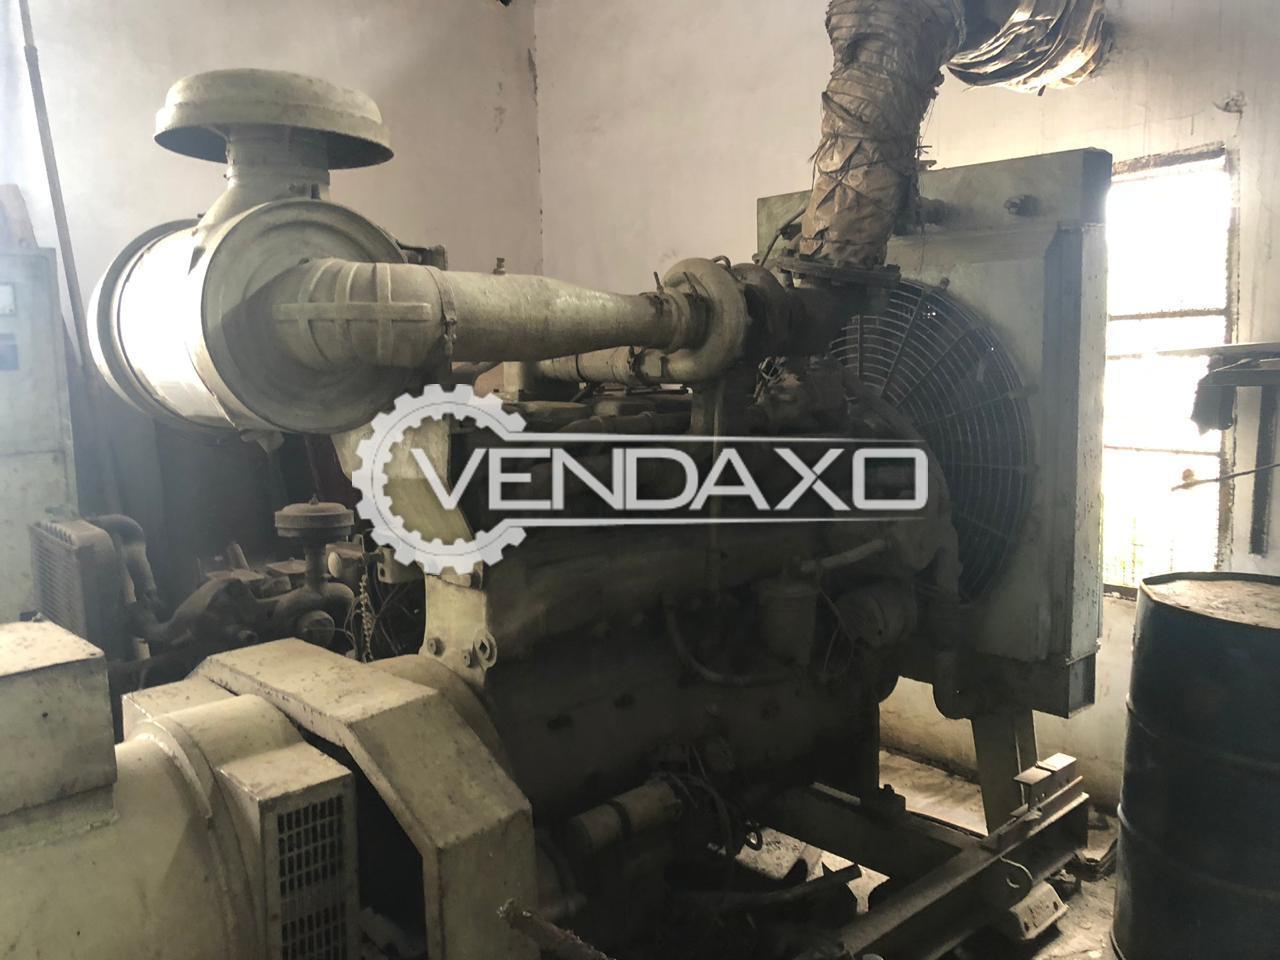 Used Diesel Generator for Sale | Buy or Sell Used Diesel Generator